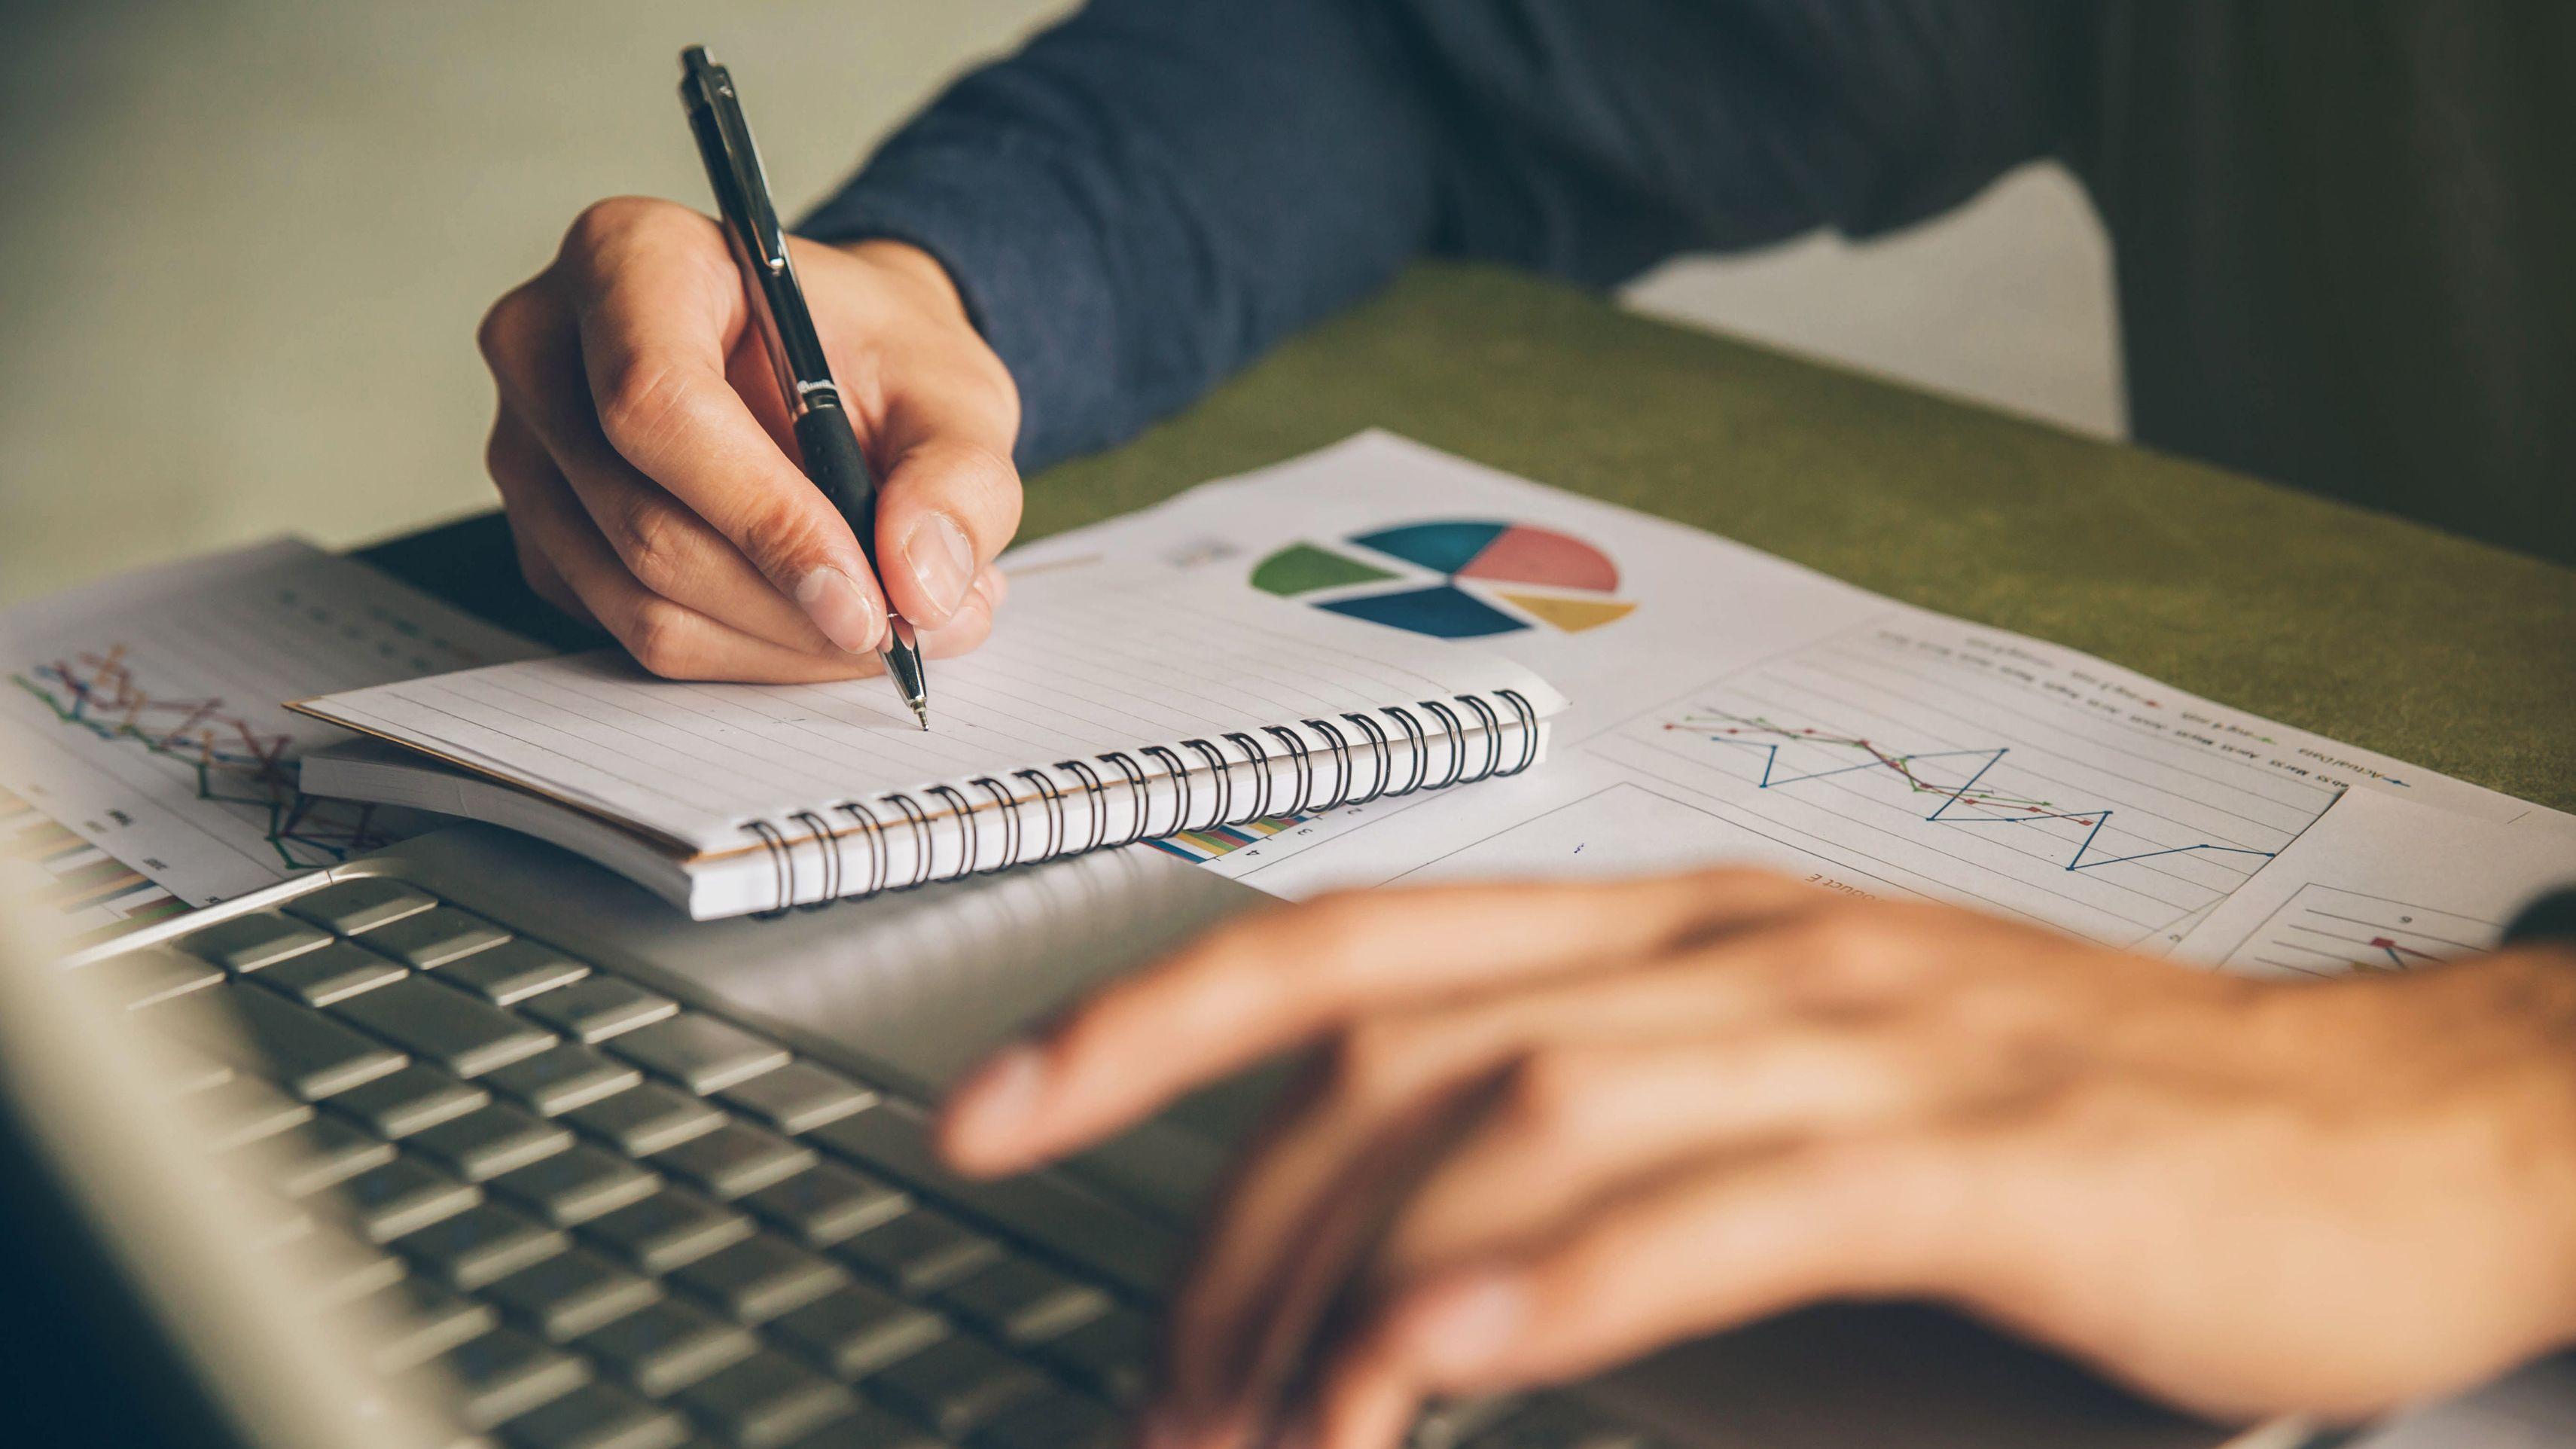 Aktuarielle Methoden und Produktkalkulation in der Lebensversicherung